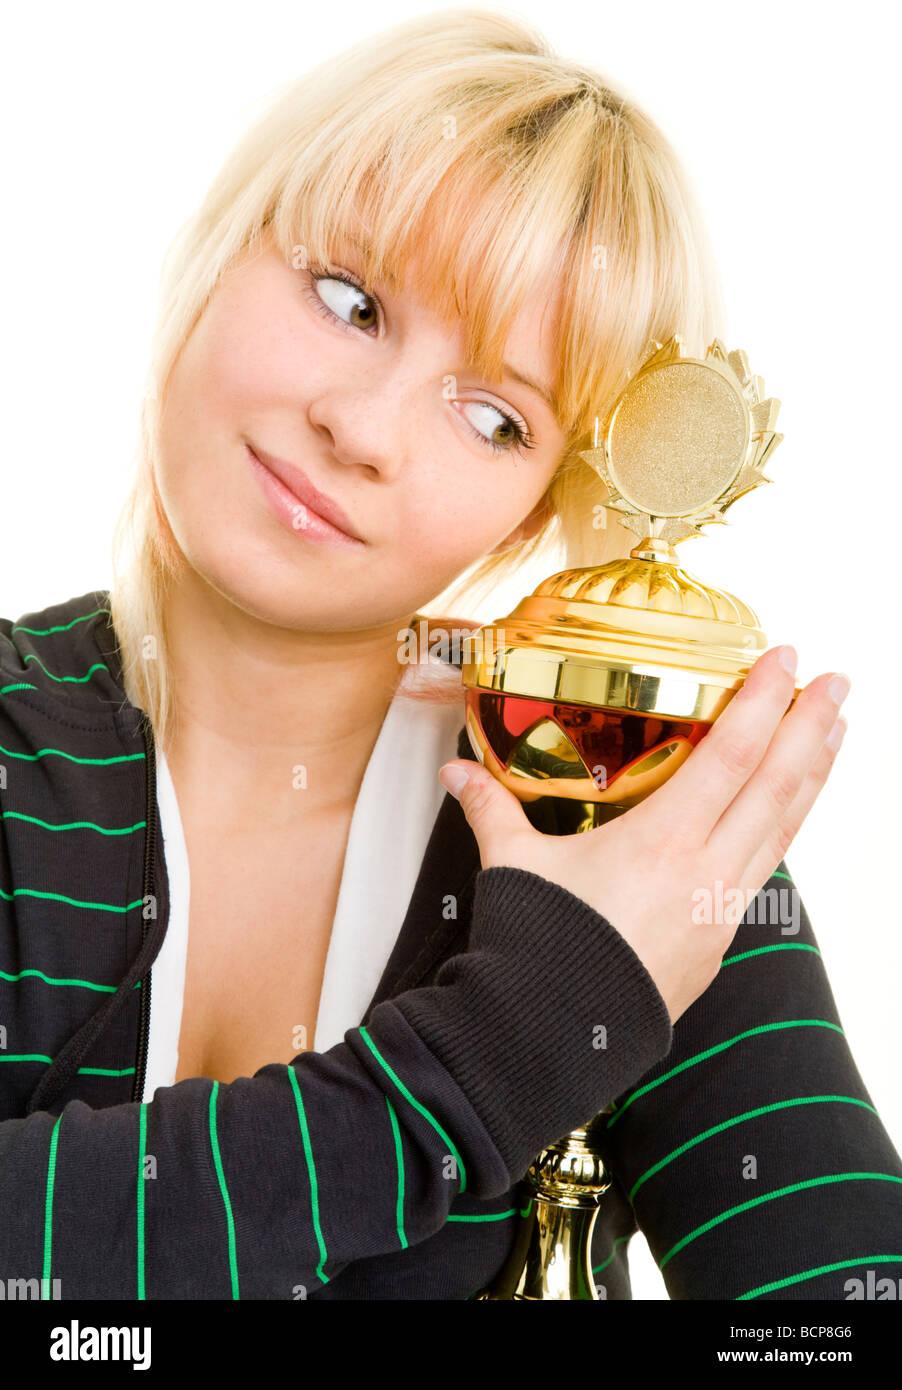 Junge Frau in Sportkleidung umarmt einen Pokal - Stock Image